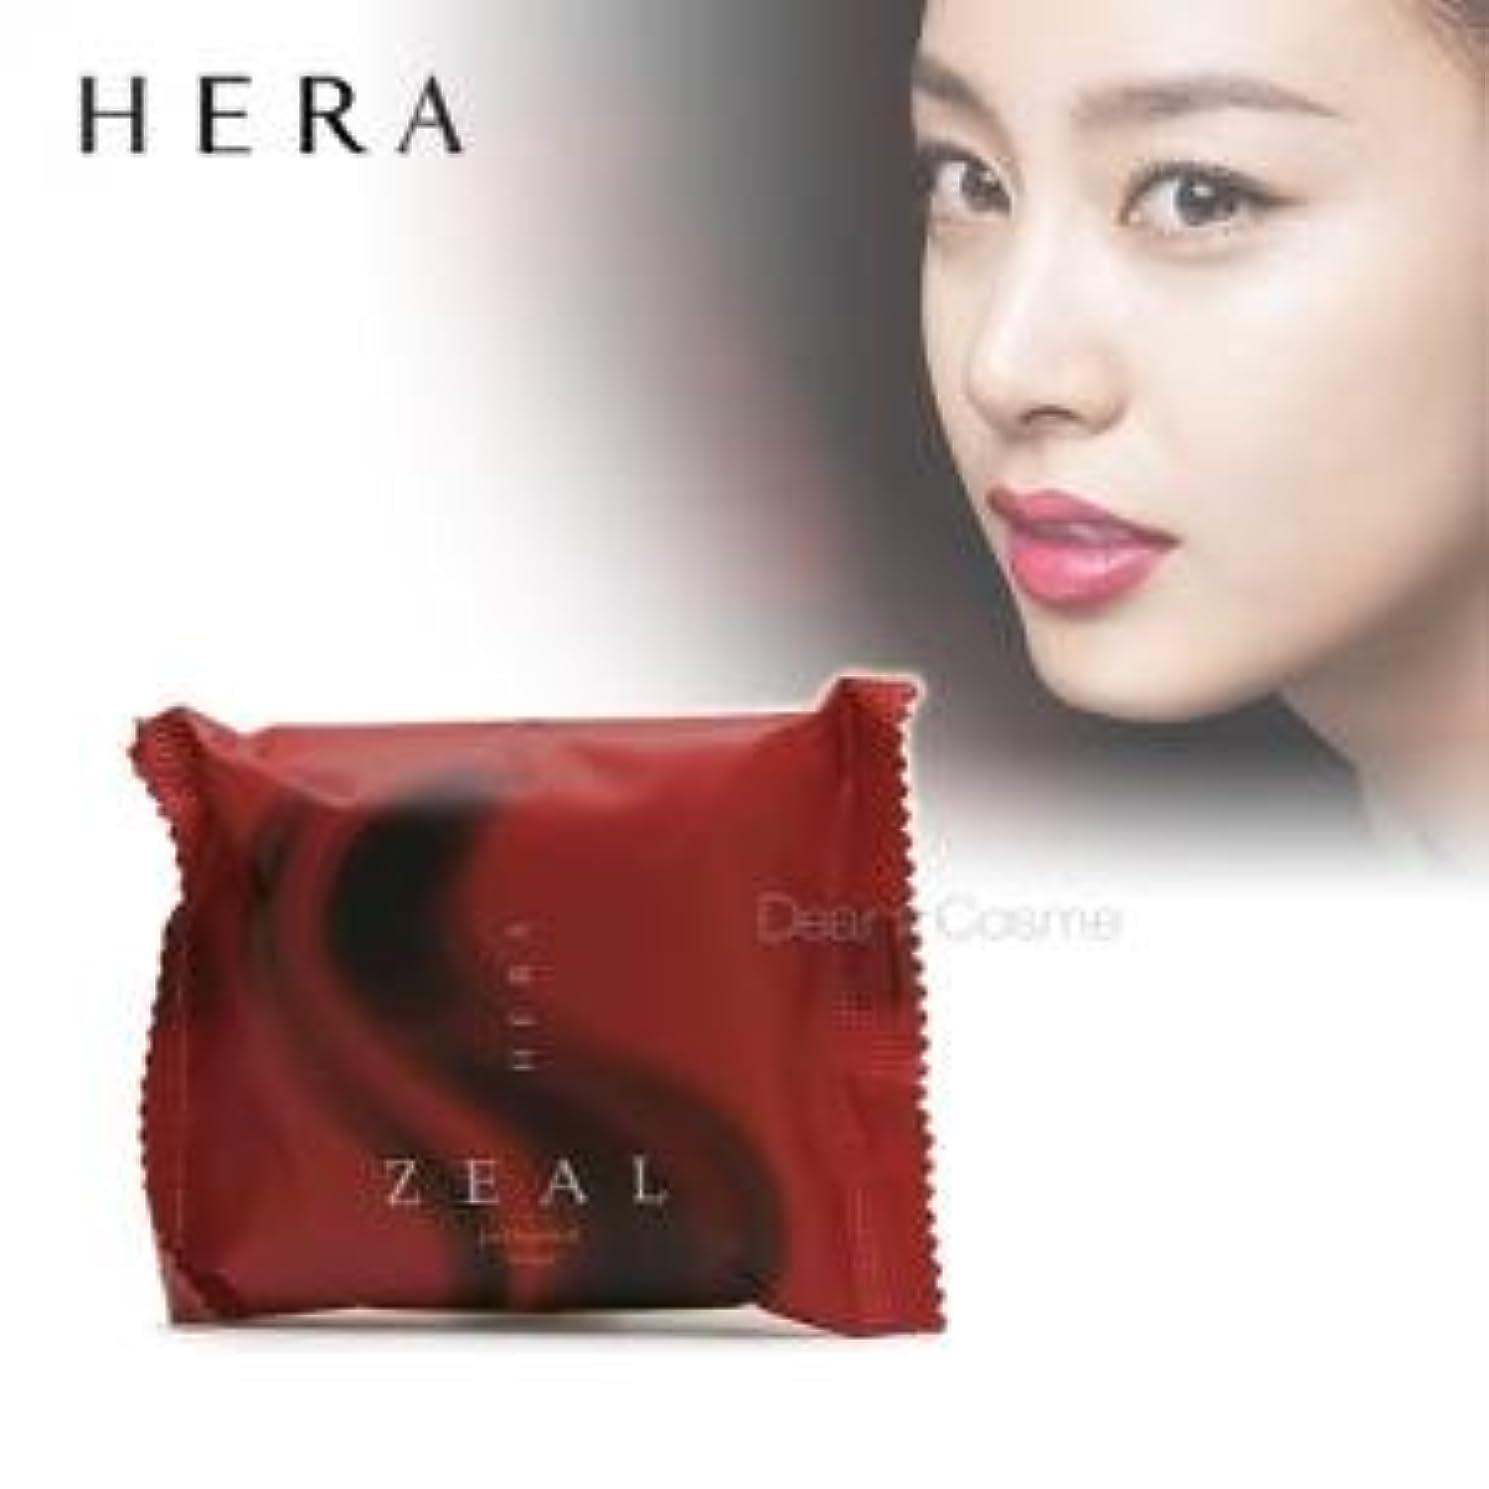 生き物実施する大胆ヘラ5個セットHERA ZEAL 美容石鹸 60gソープ